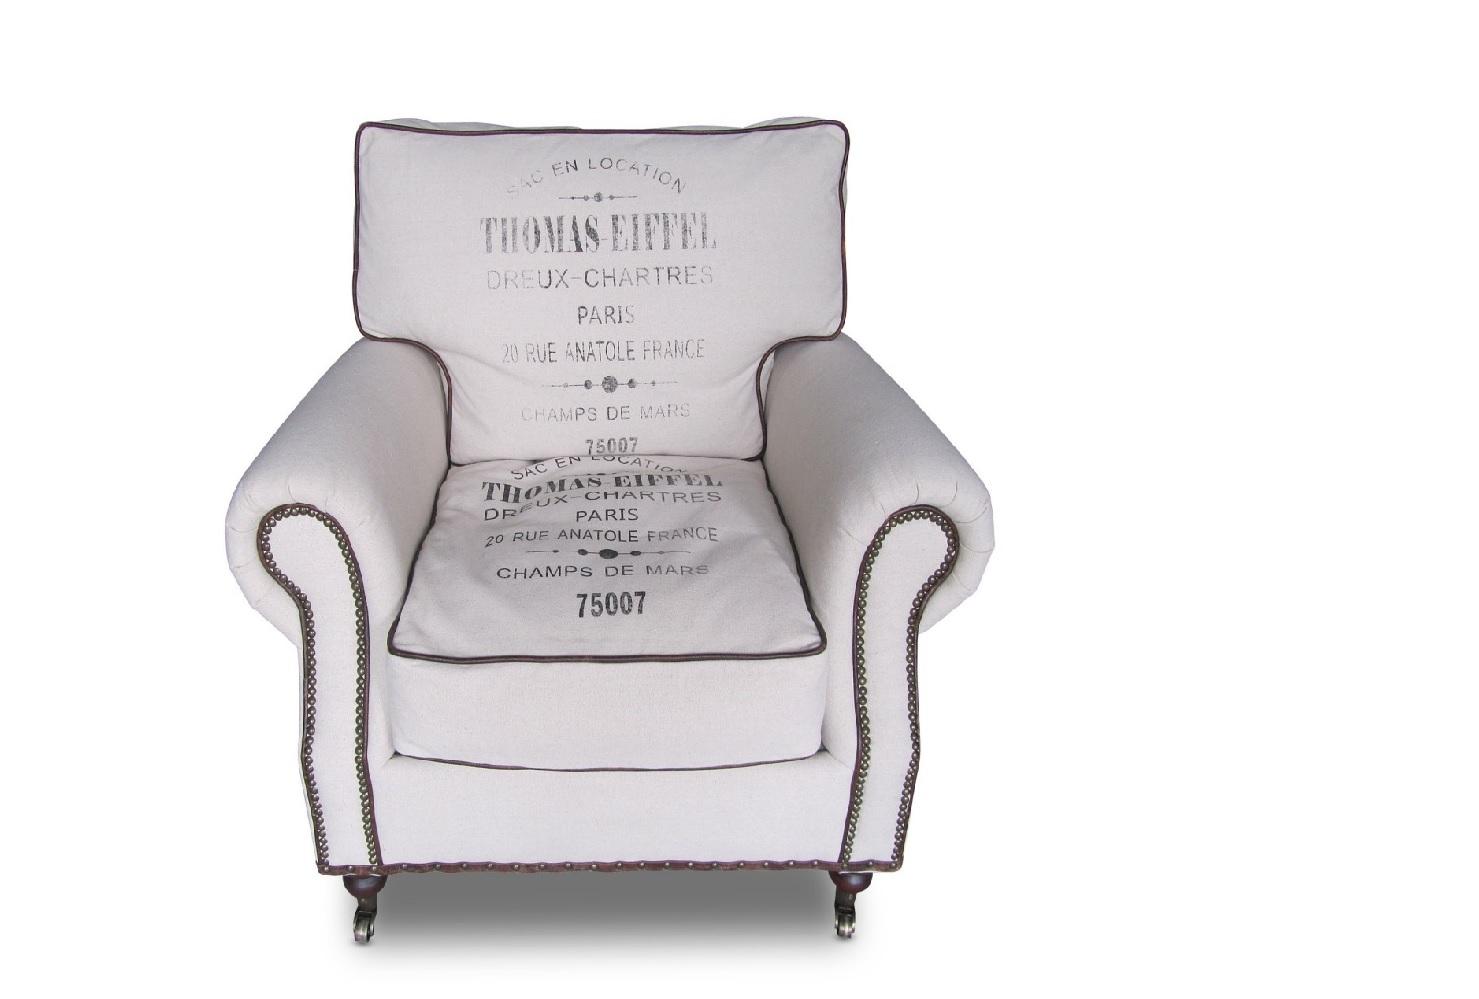 КреслоИнтерьерные кресла<br>Это мягкое и удобное кресло превосходно гармонирует с интерьерами в стиле лофт. Оно имеет приятный бежевый цвет, который добавляет брутальному и строгому пространству больше света и уюта. Интересный принт делает вид кресла более стильным. Клепки с кожаными вставками добавляют оформлению некоторую грубость, которая не смотрится отталкивающе.<br><br>Каркас: хвойные породы дерева. В нижней части каркаса используются резинотканевые ремни, пропитанные каучуком и придающие дополнительную мягкость. Отделка: 20% полиэстер, 80% лен. На подушках с одной стороны нанесен принт, с другой отсутствует, двухсторонние. Наполнитель: подушки-спинки пух-перо серого гуся, в новой поставке микромакс; подушки-сиденье пух-перо, в новой поставке нижний слой ППУ, а верхний микромакс. Все наполнение помещено в очень плотный чехол с простежкой. Все остальные элементы также изготовлены из ППУ.<br><br>Material: Текстиль<br>Ширина см: 100.0<br>Высота см: 90.0<br>Глубина см: 90.0